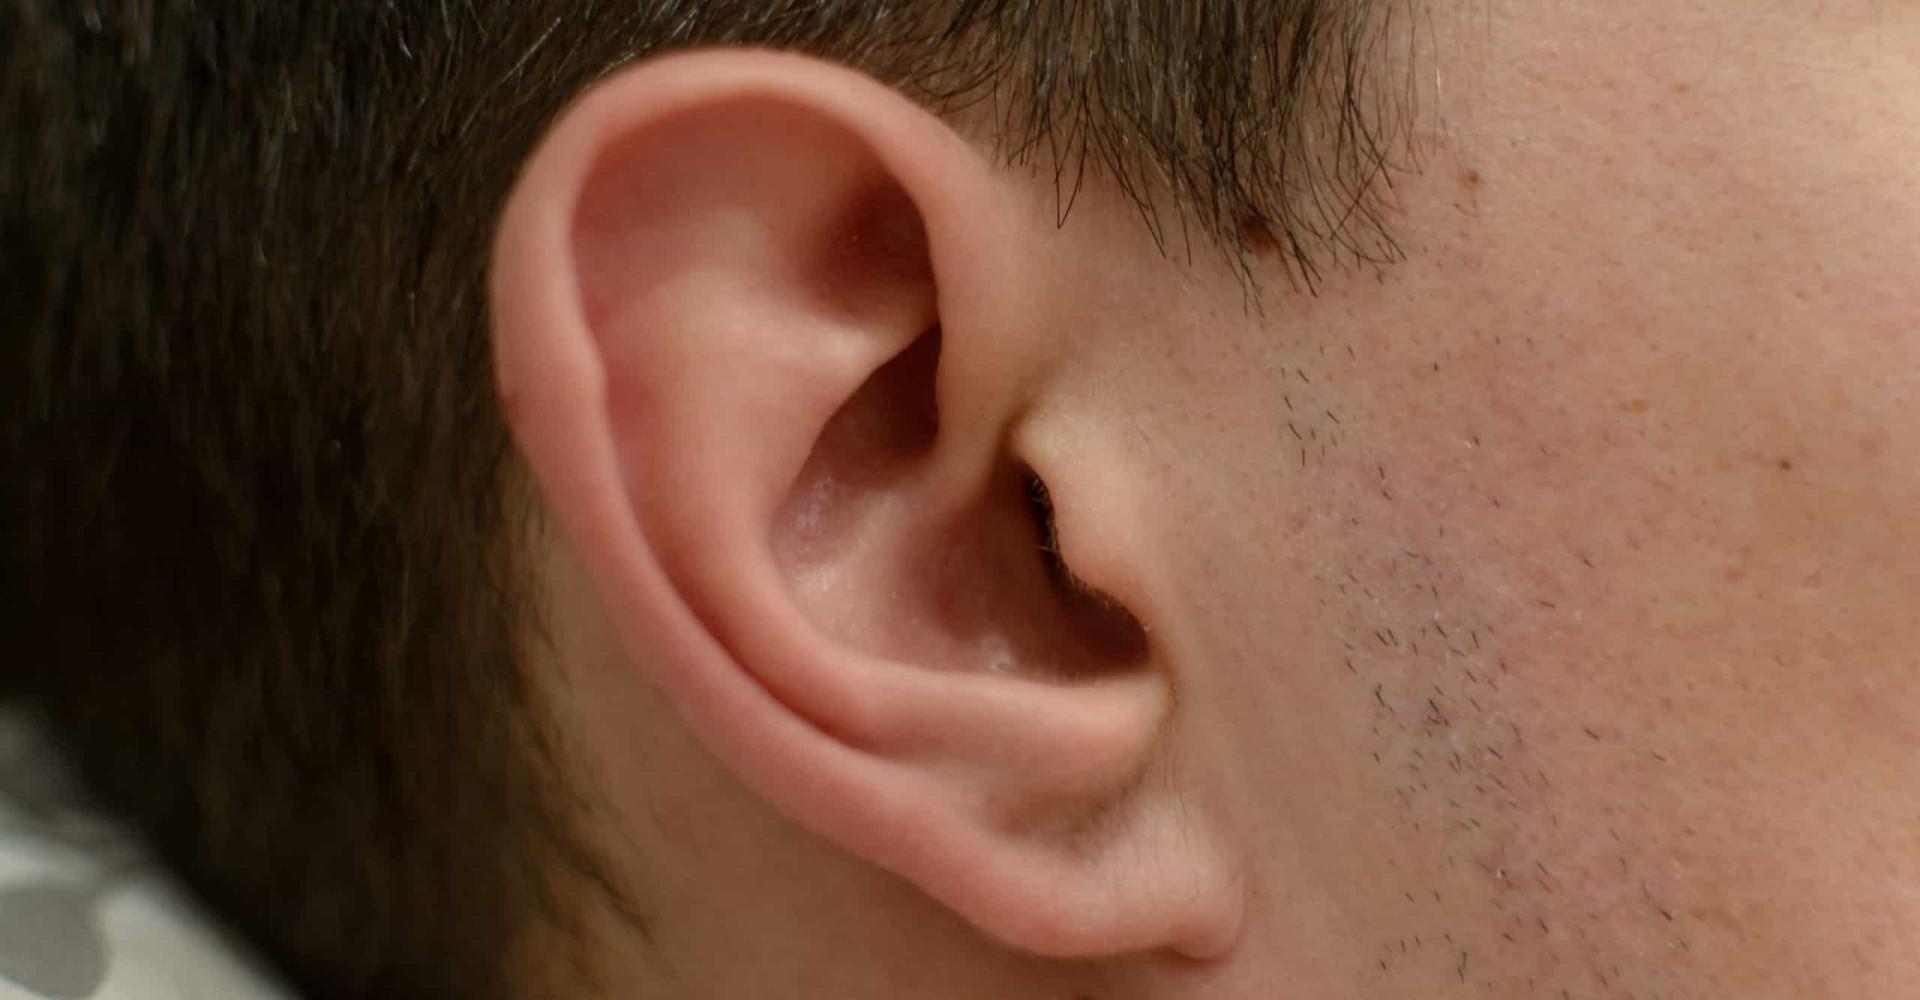 Wat te doen bij een insect in je oor?